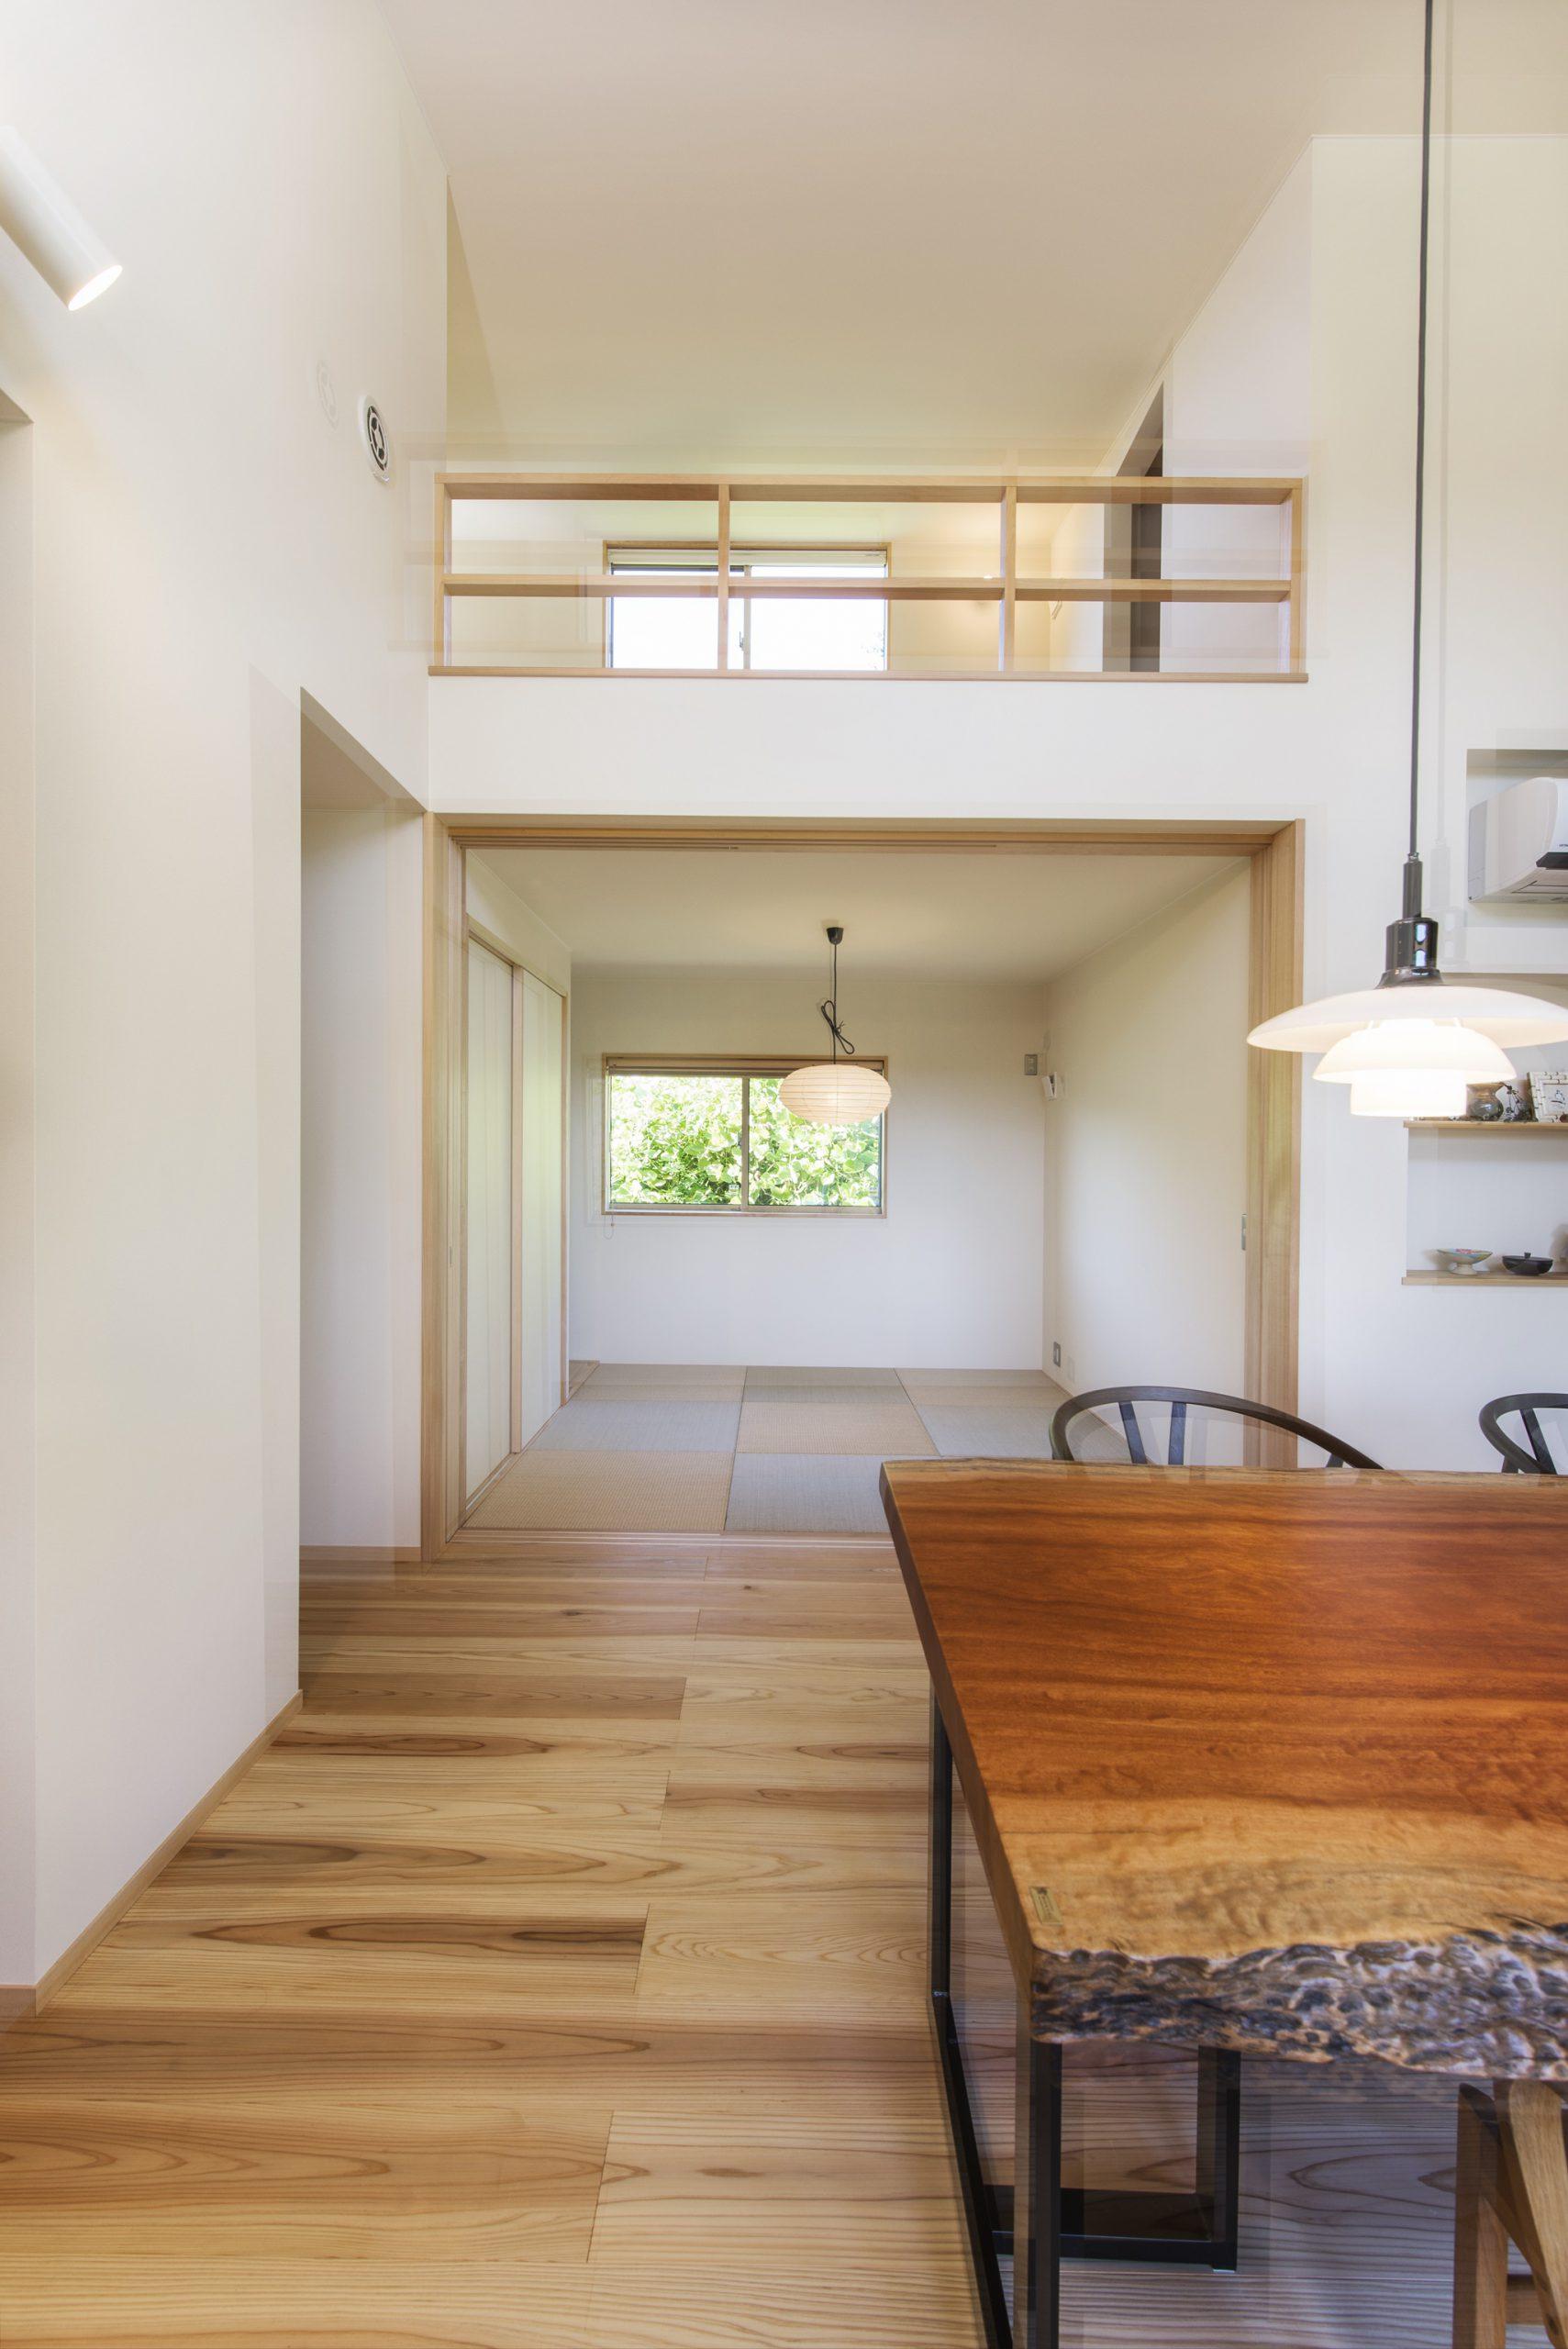 平屋にロフトを設置してデメリットを解消した施工事例:高窓のメンテナンスもしやすい構造